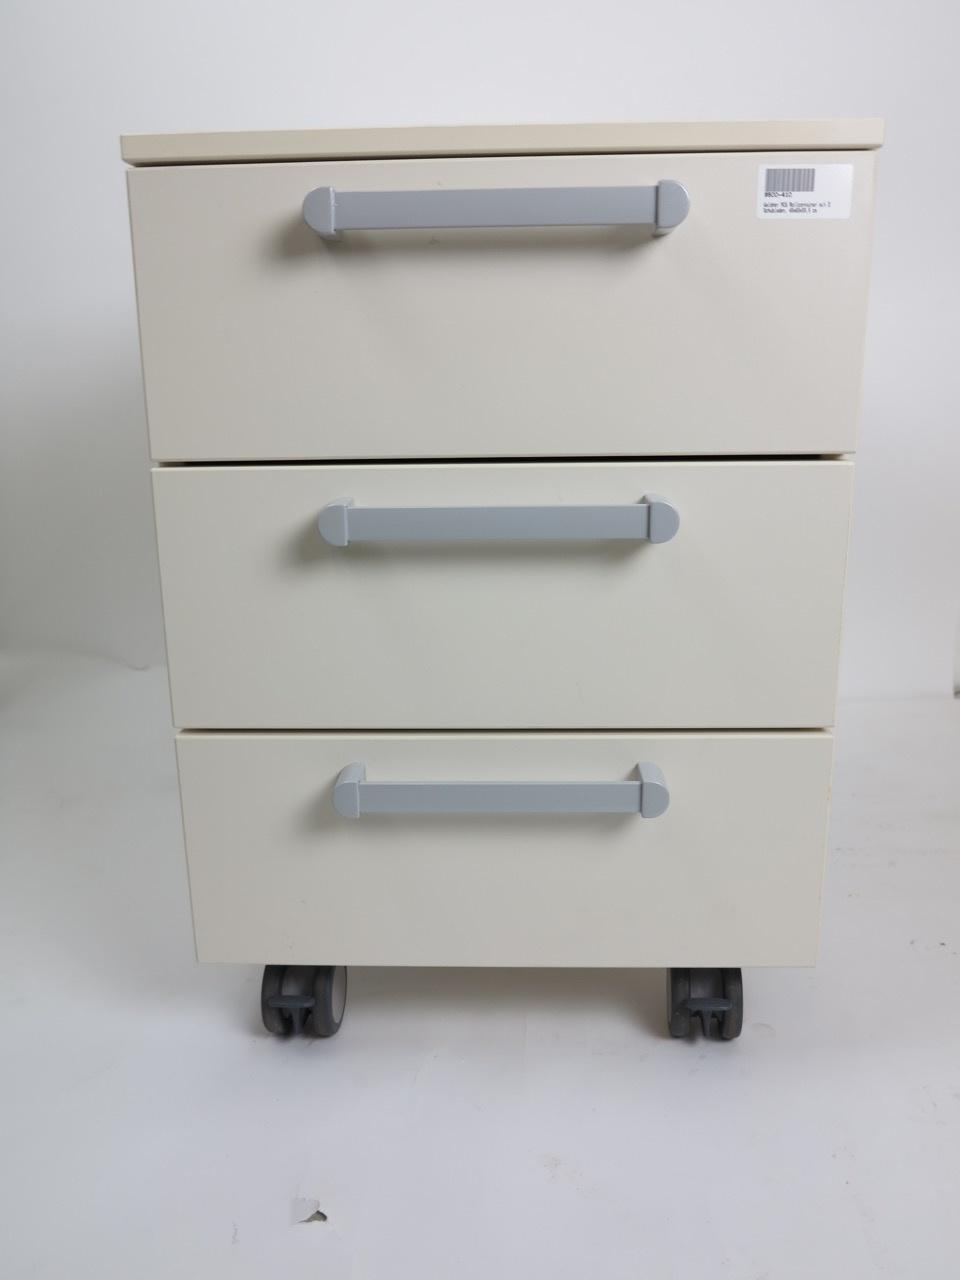 Waldner Waldner MC6 Rollschrank, 3 Schubladen, 45 cm breit, 55cm hoch